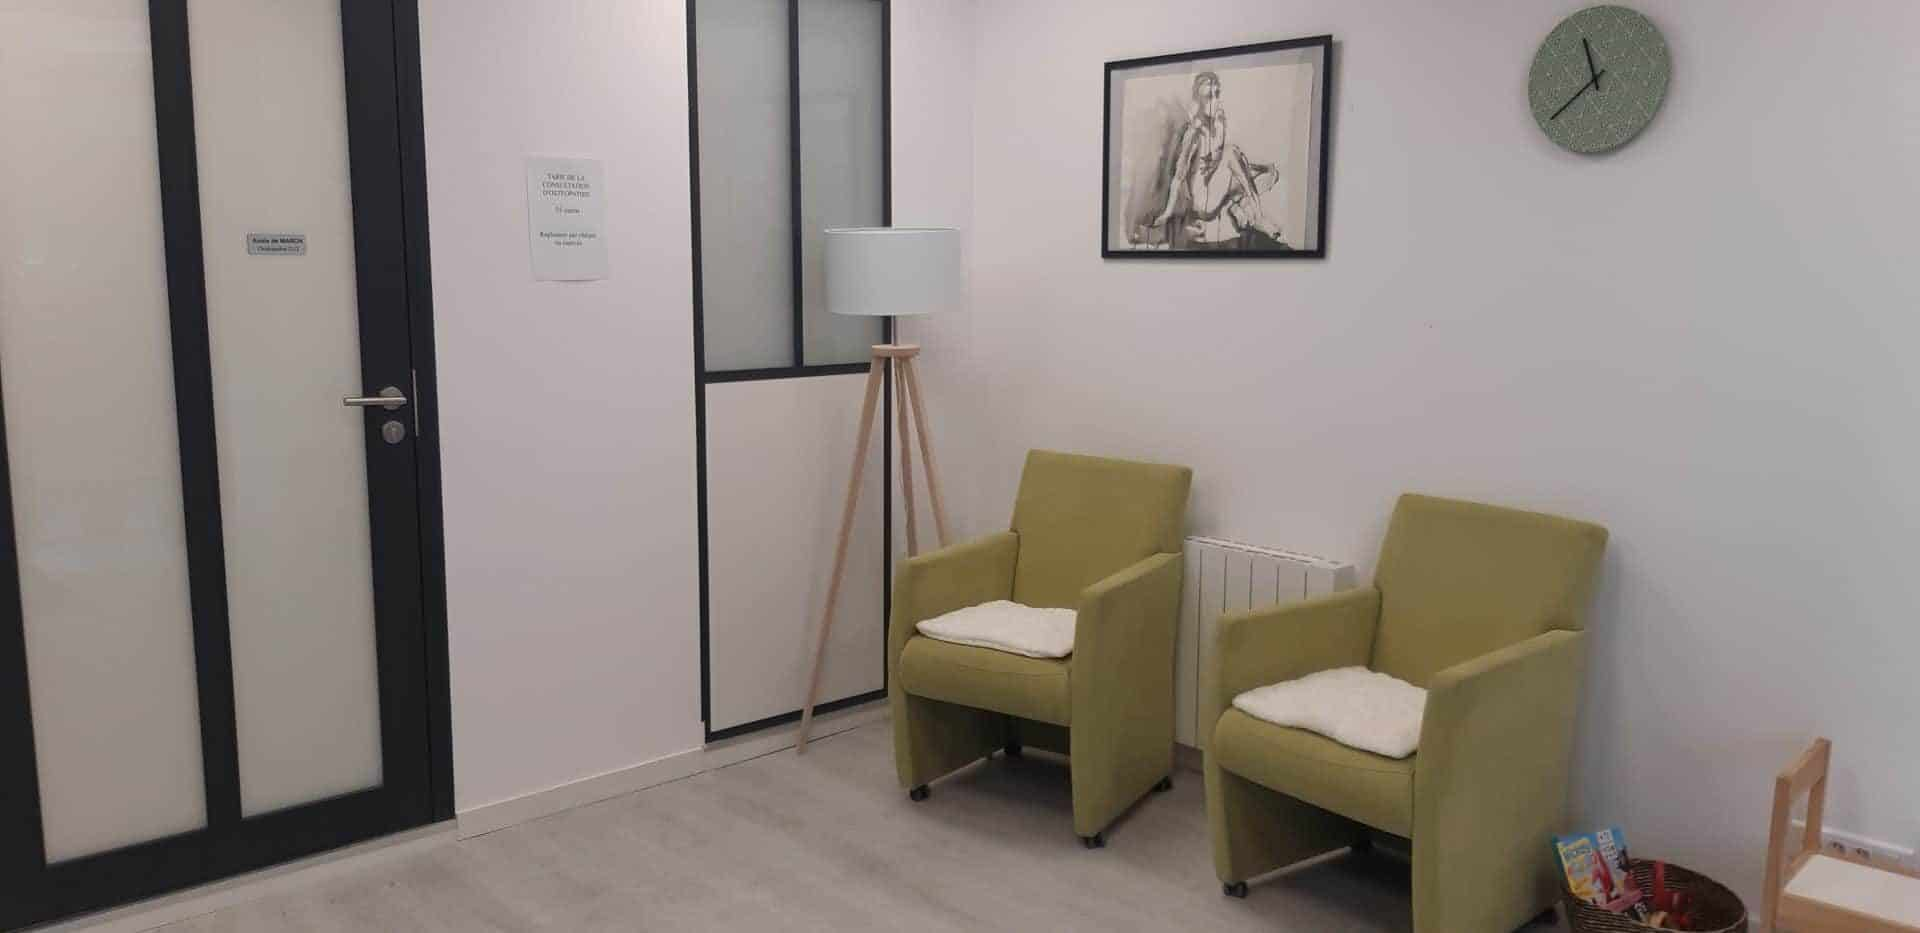 Rénovation complète d'un cabinet médical à Nantes Sud (44)